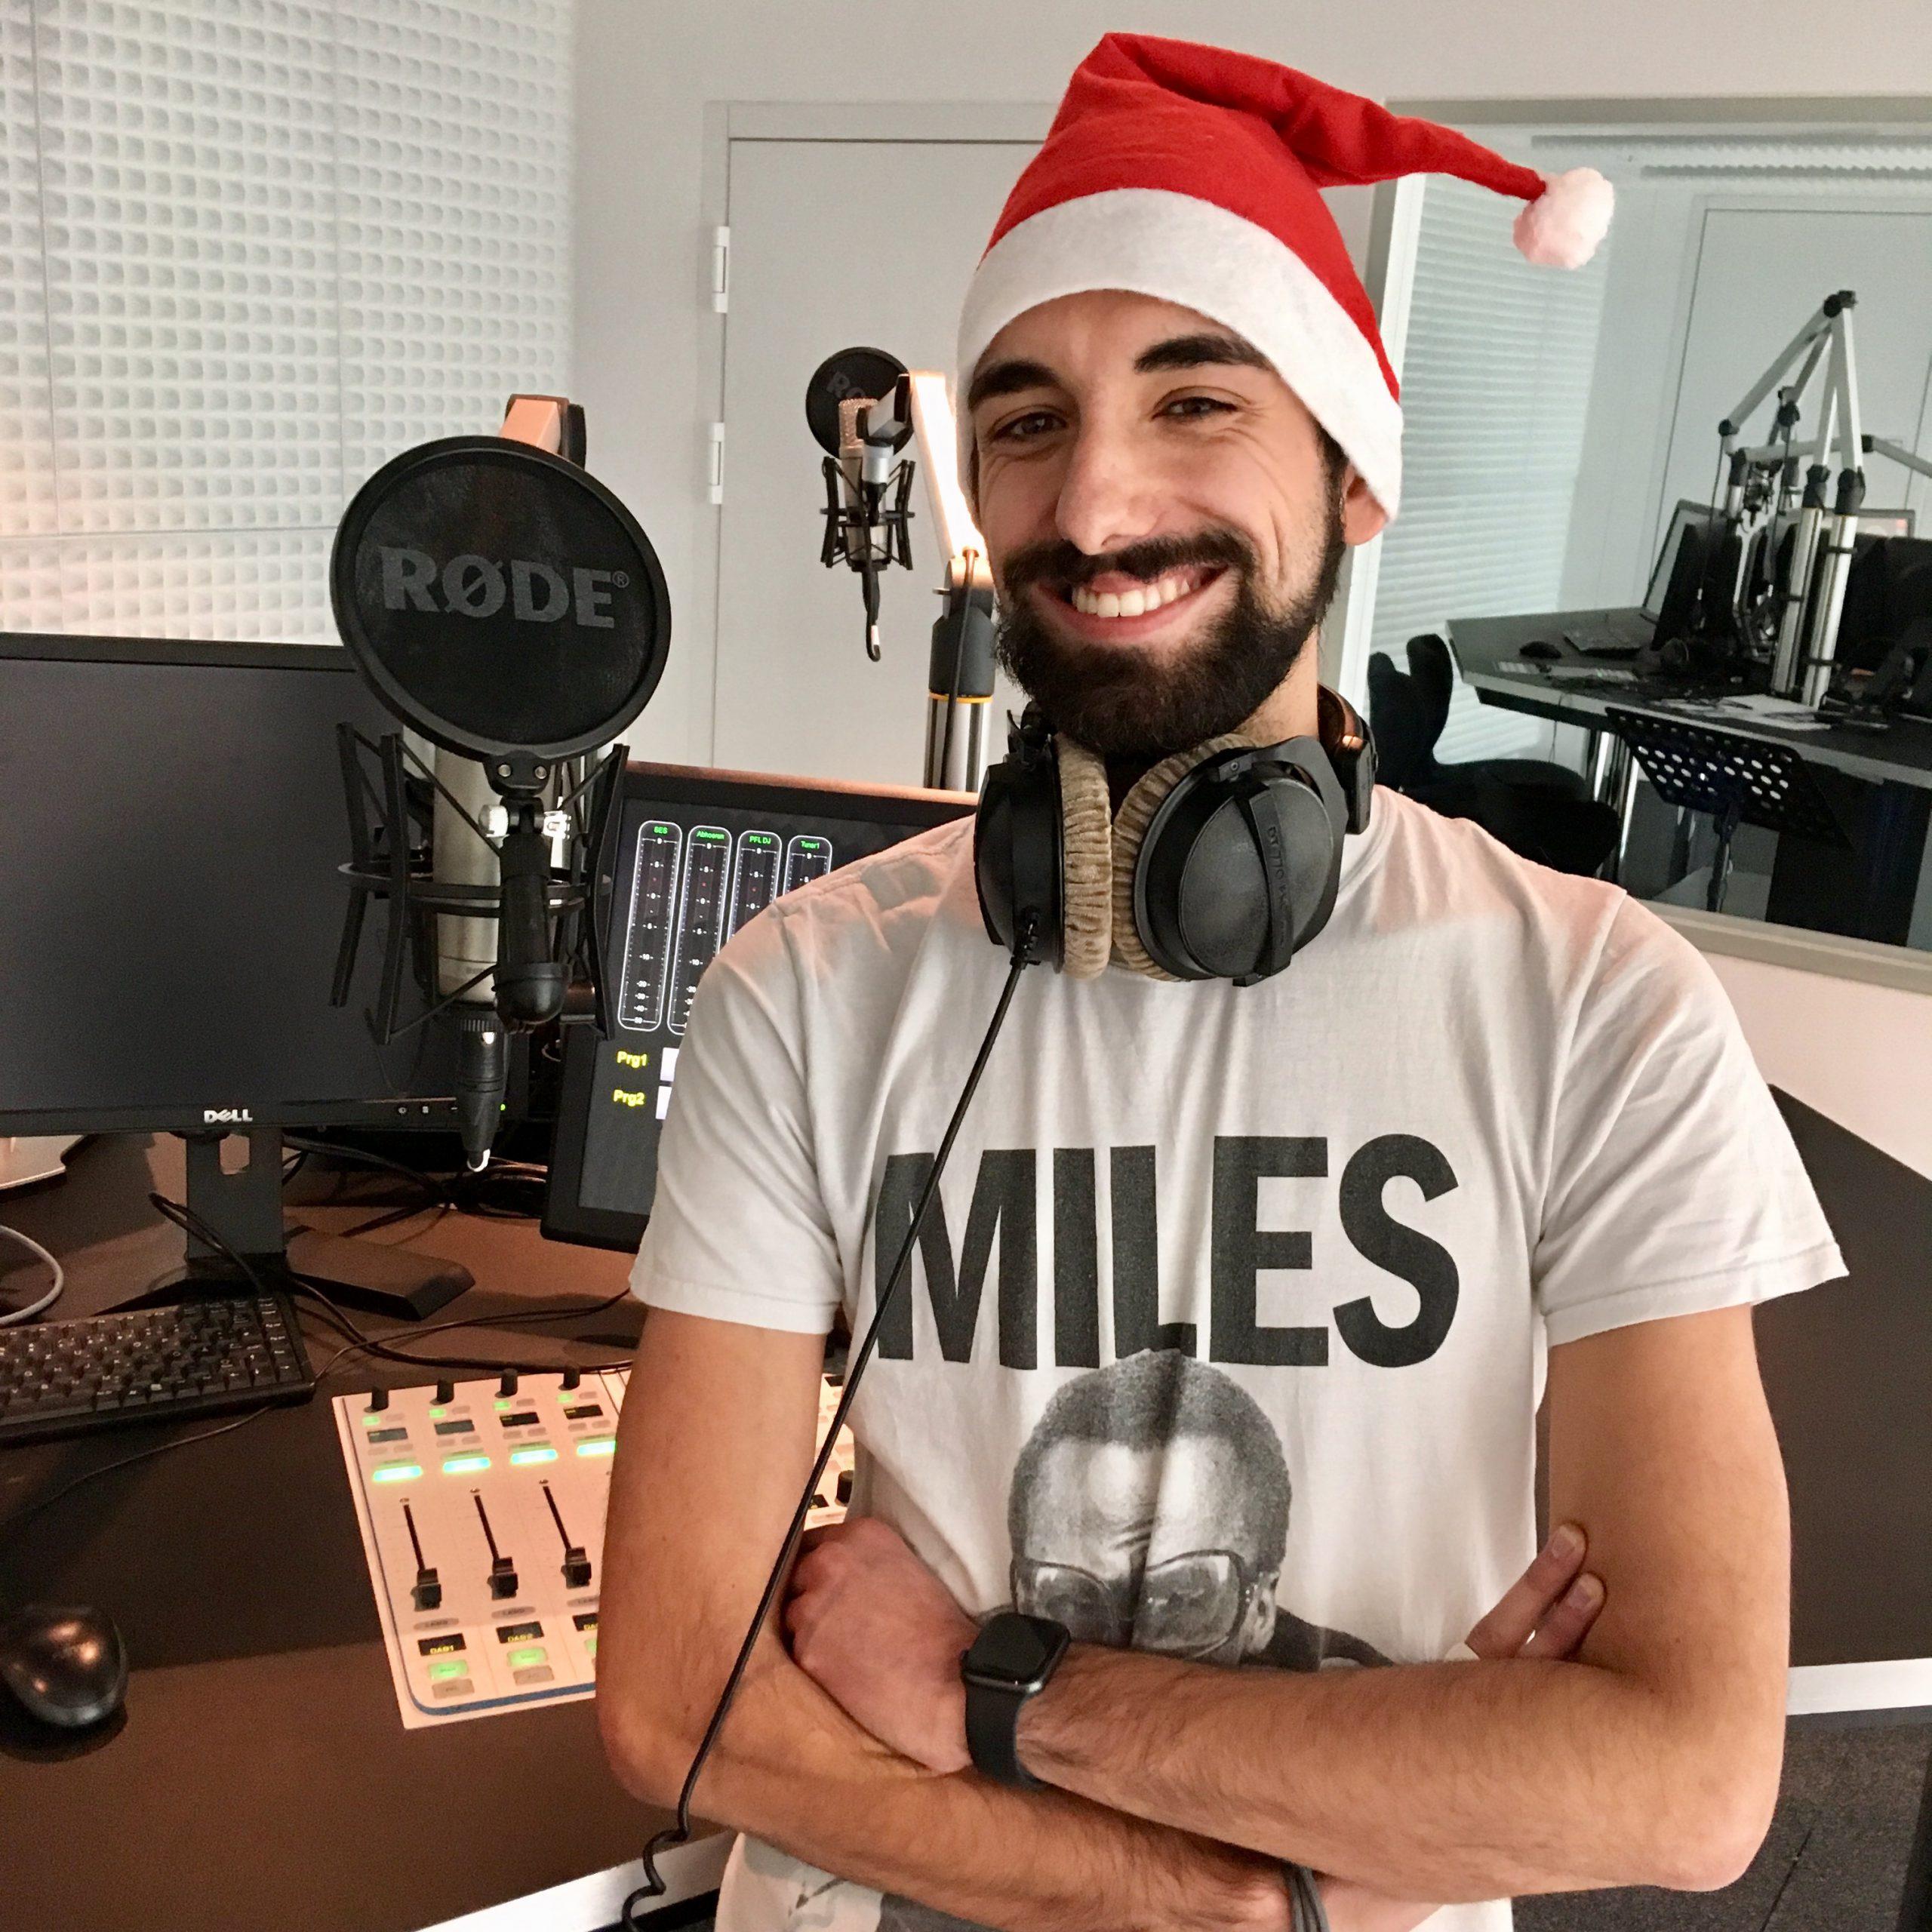 Moderator Josh mit Weihnachtsmütze